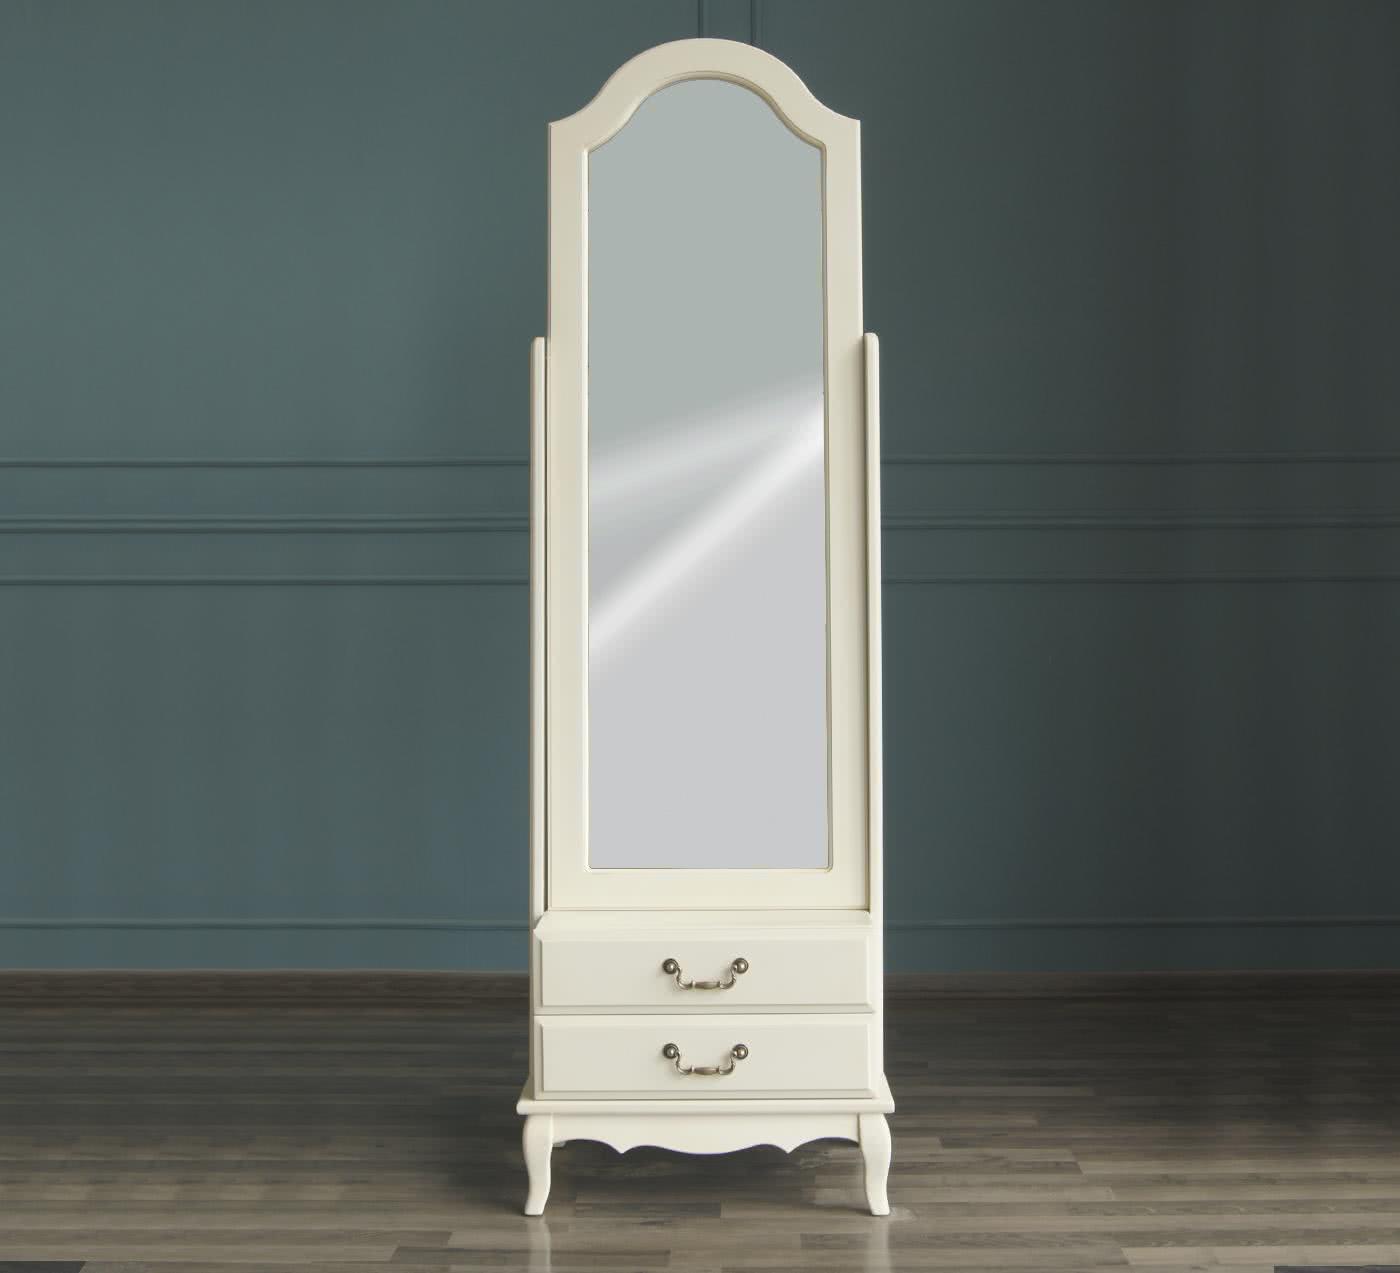 Зеркало Этaжepкa Leontina напольное, арт.ST9322